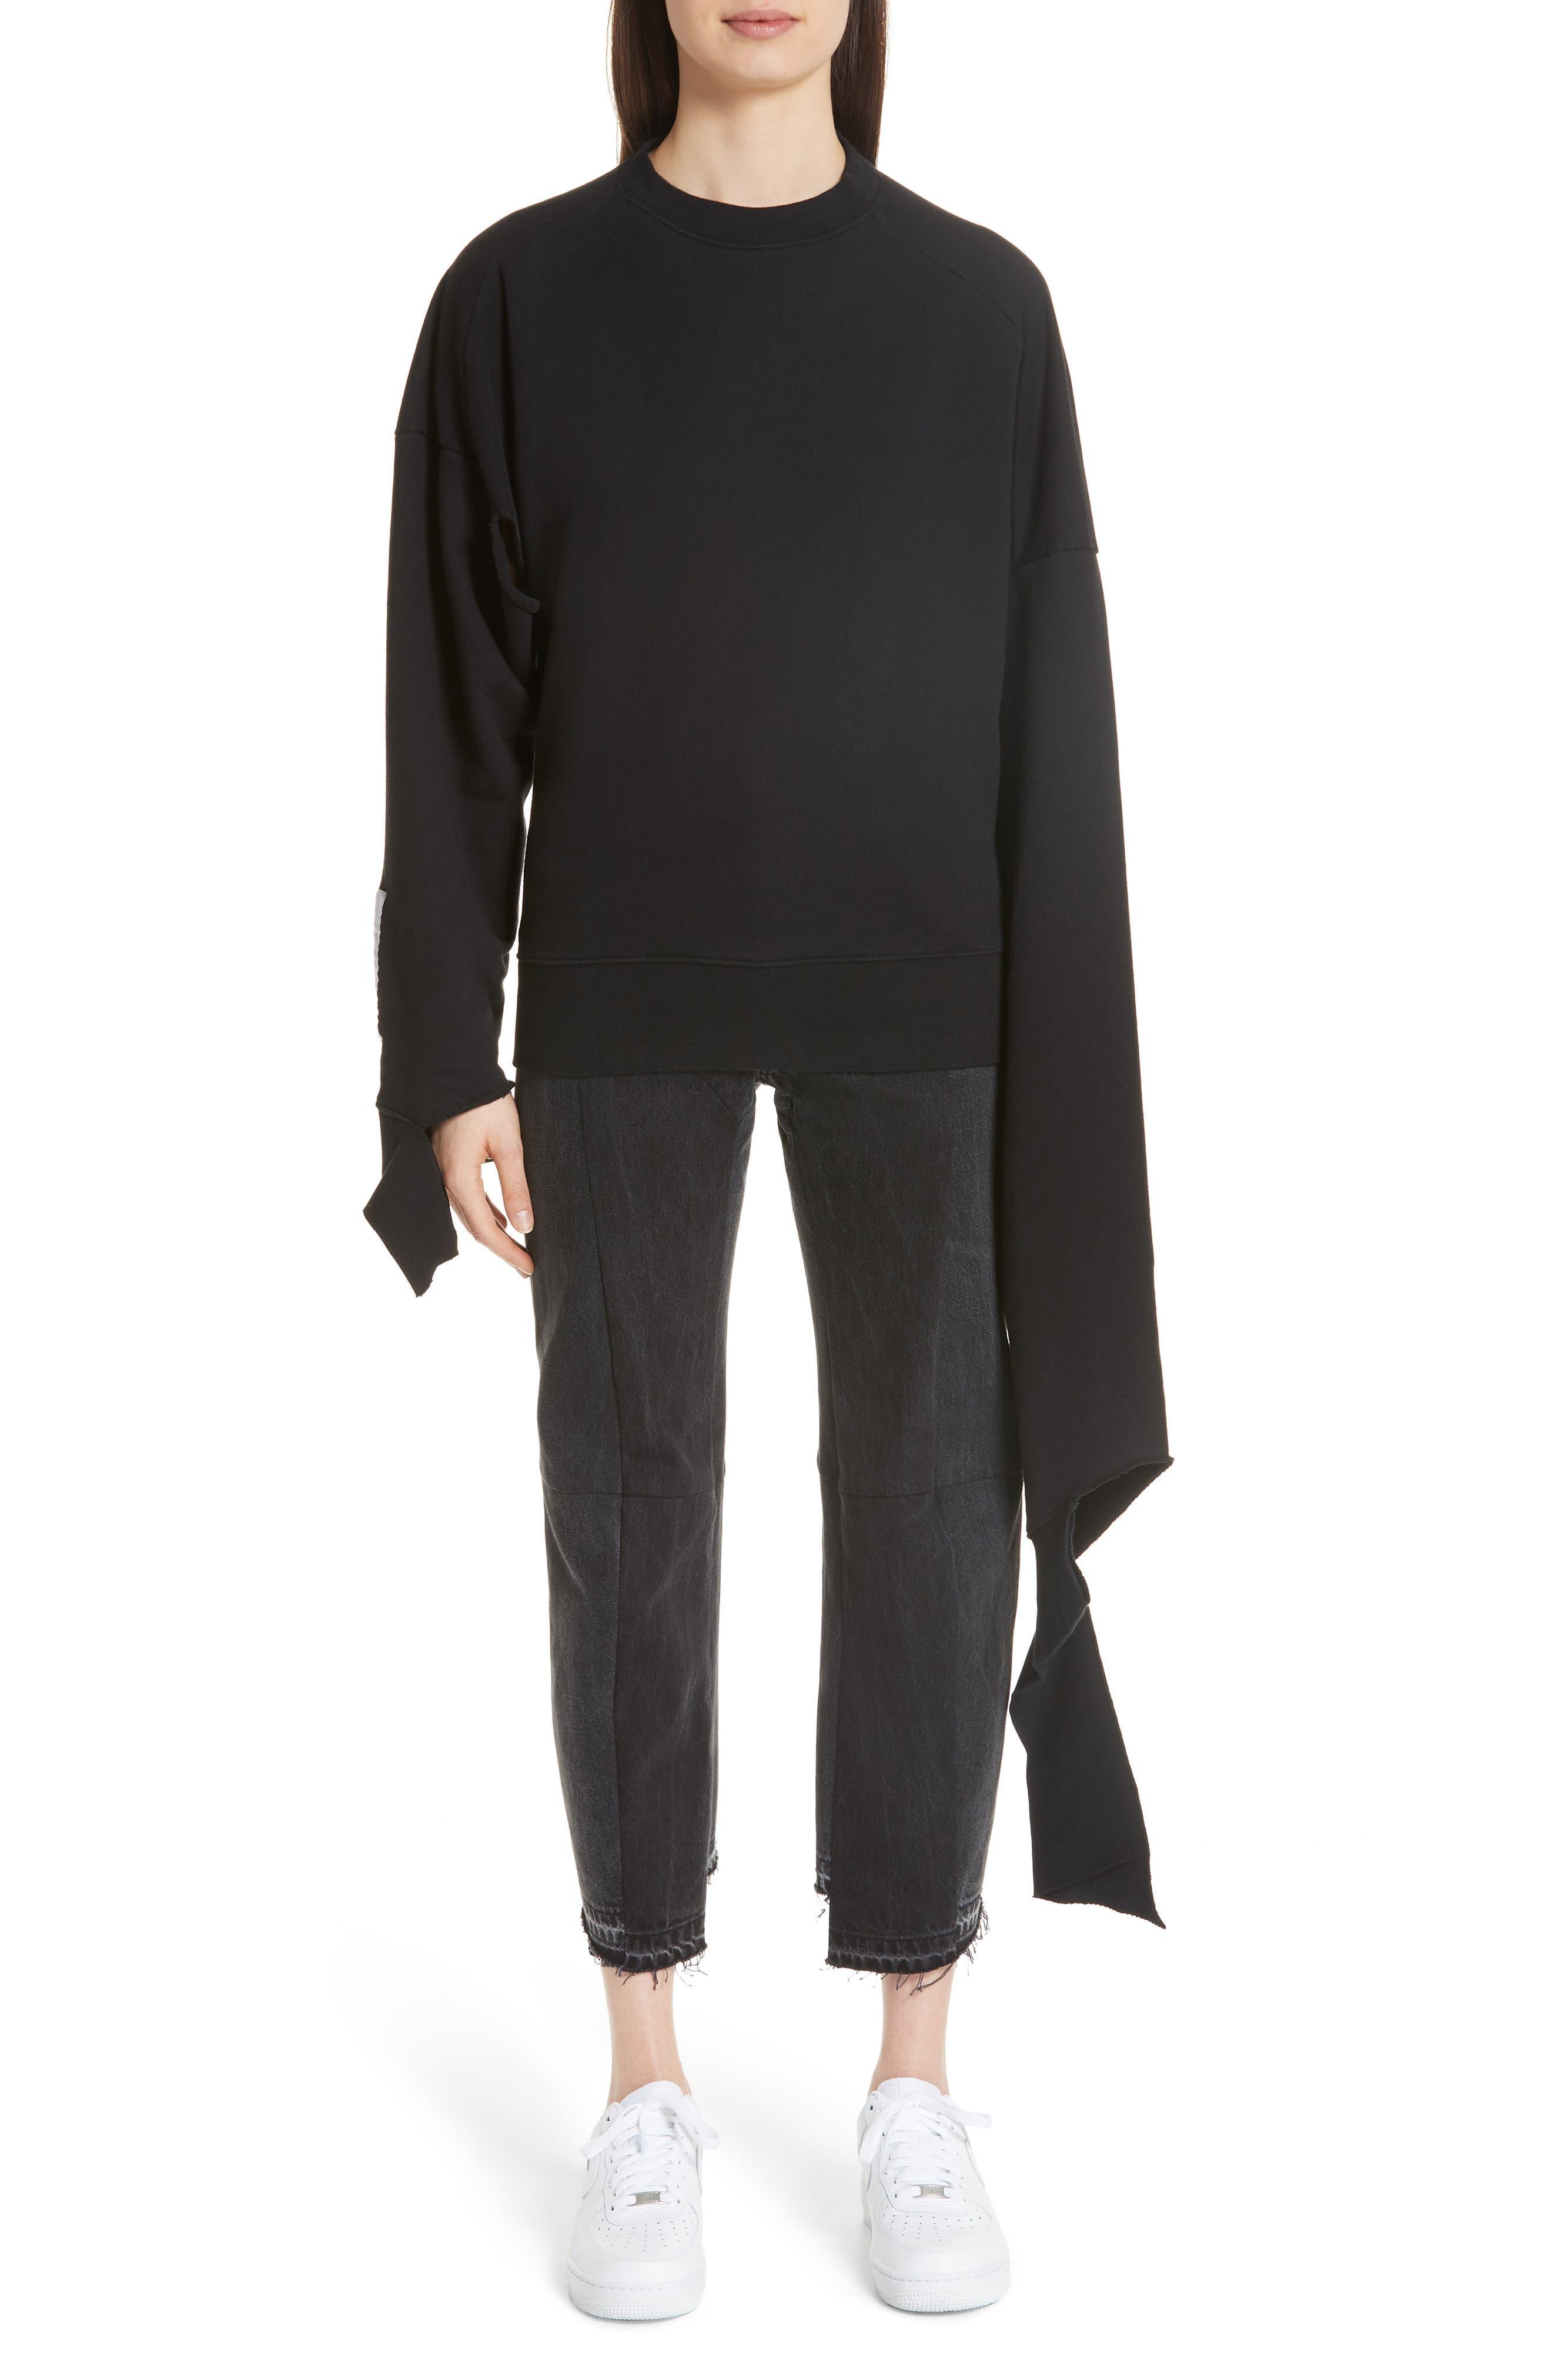 In Progress Crewneck Sweatshirt,                         Main,                         color, Black